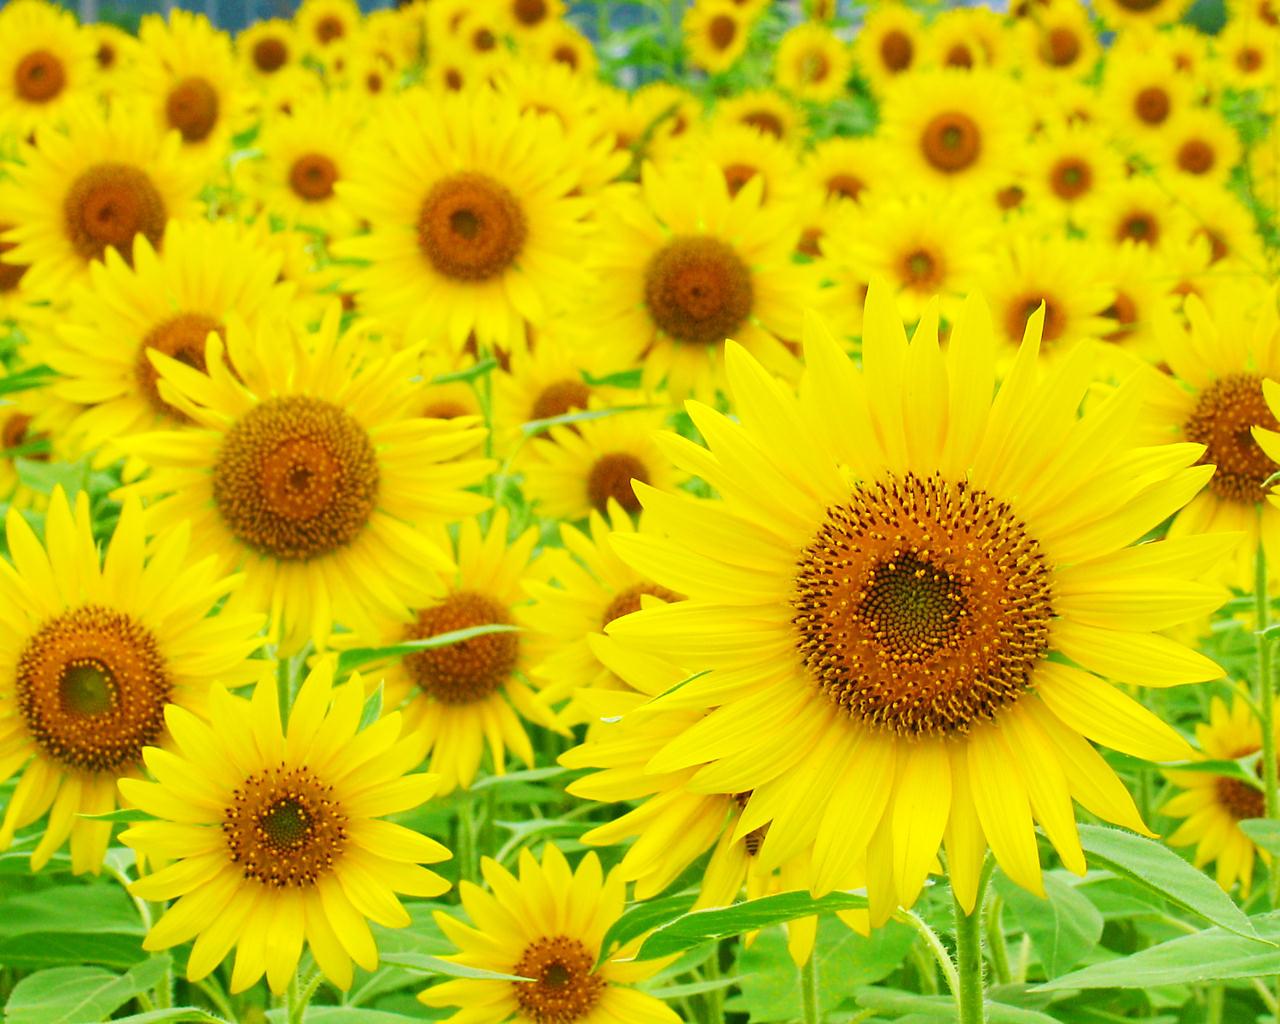 ひまわり畑 ひまわりの花 壁紙写真 四季の彩り壁紙写真集